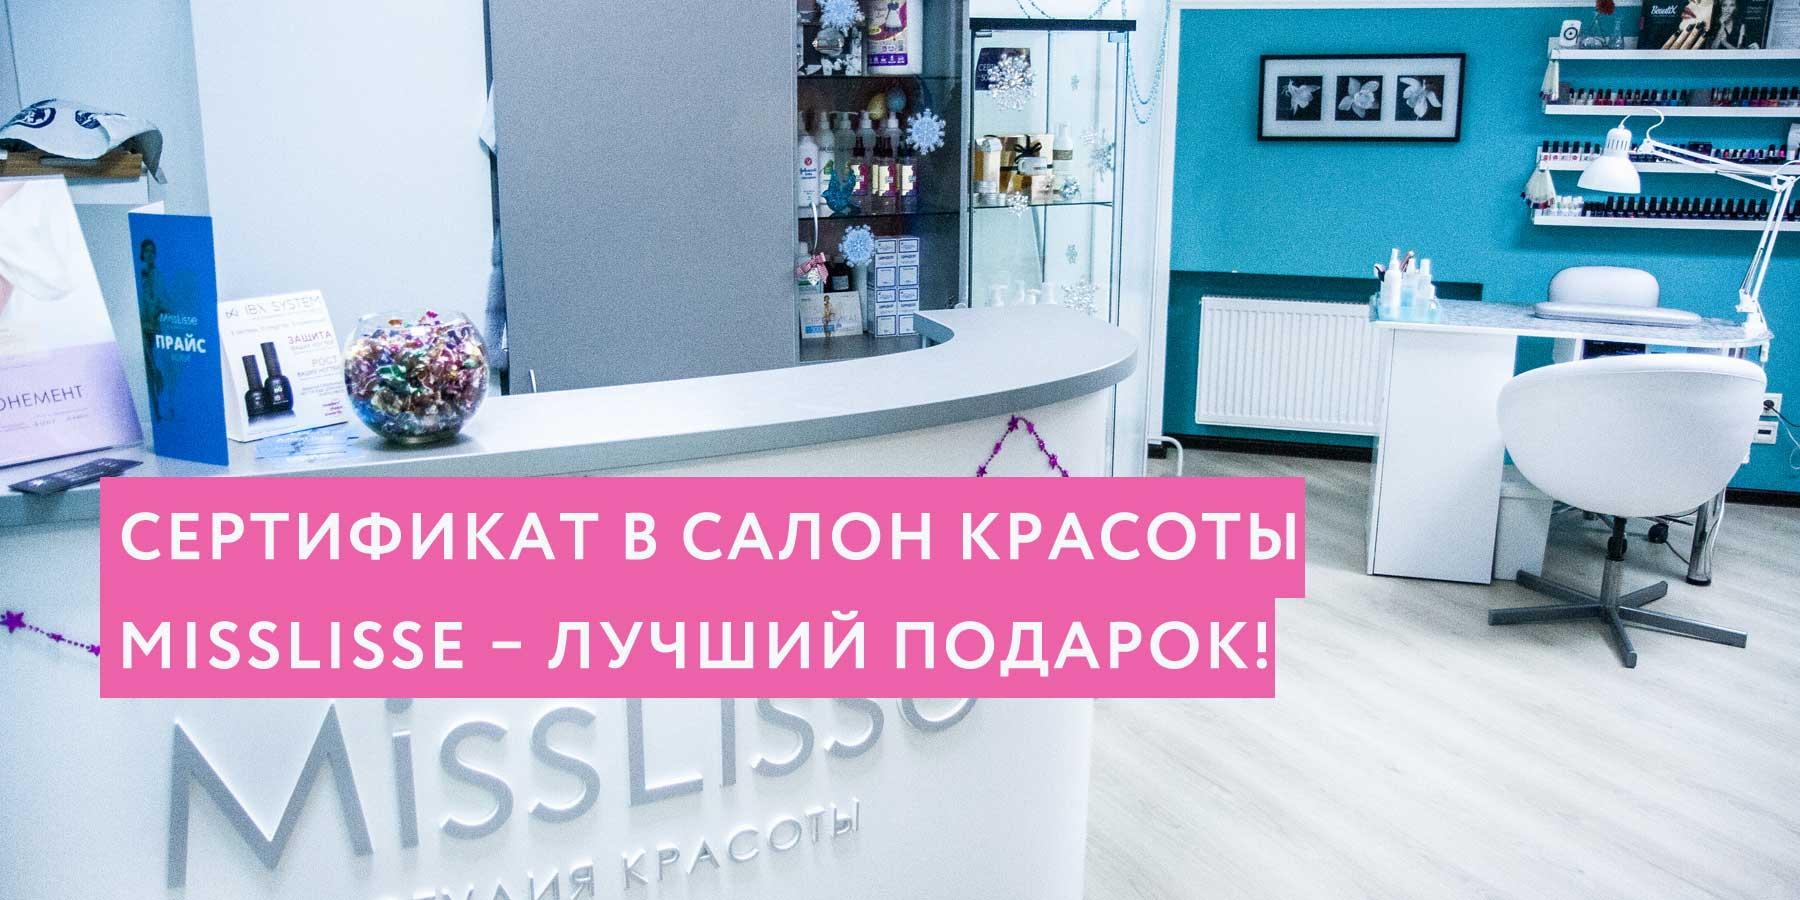 Сертификат в салон красоты MissLisse – лучший подарок!